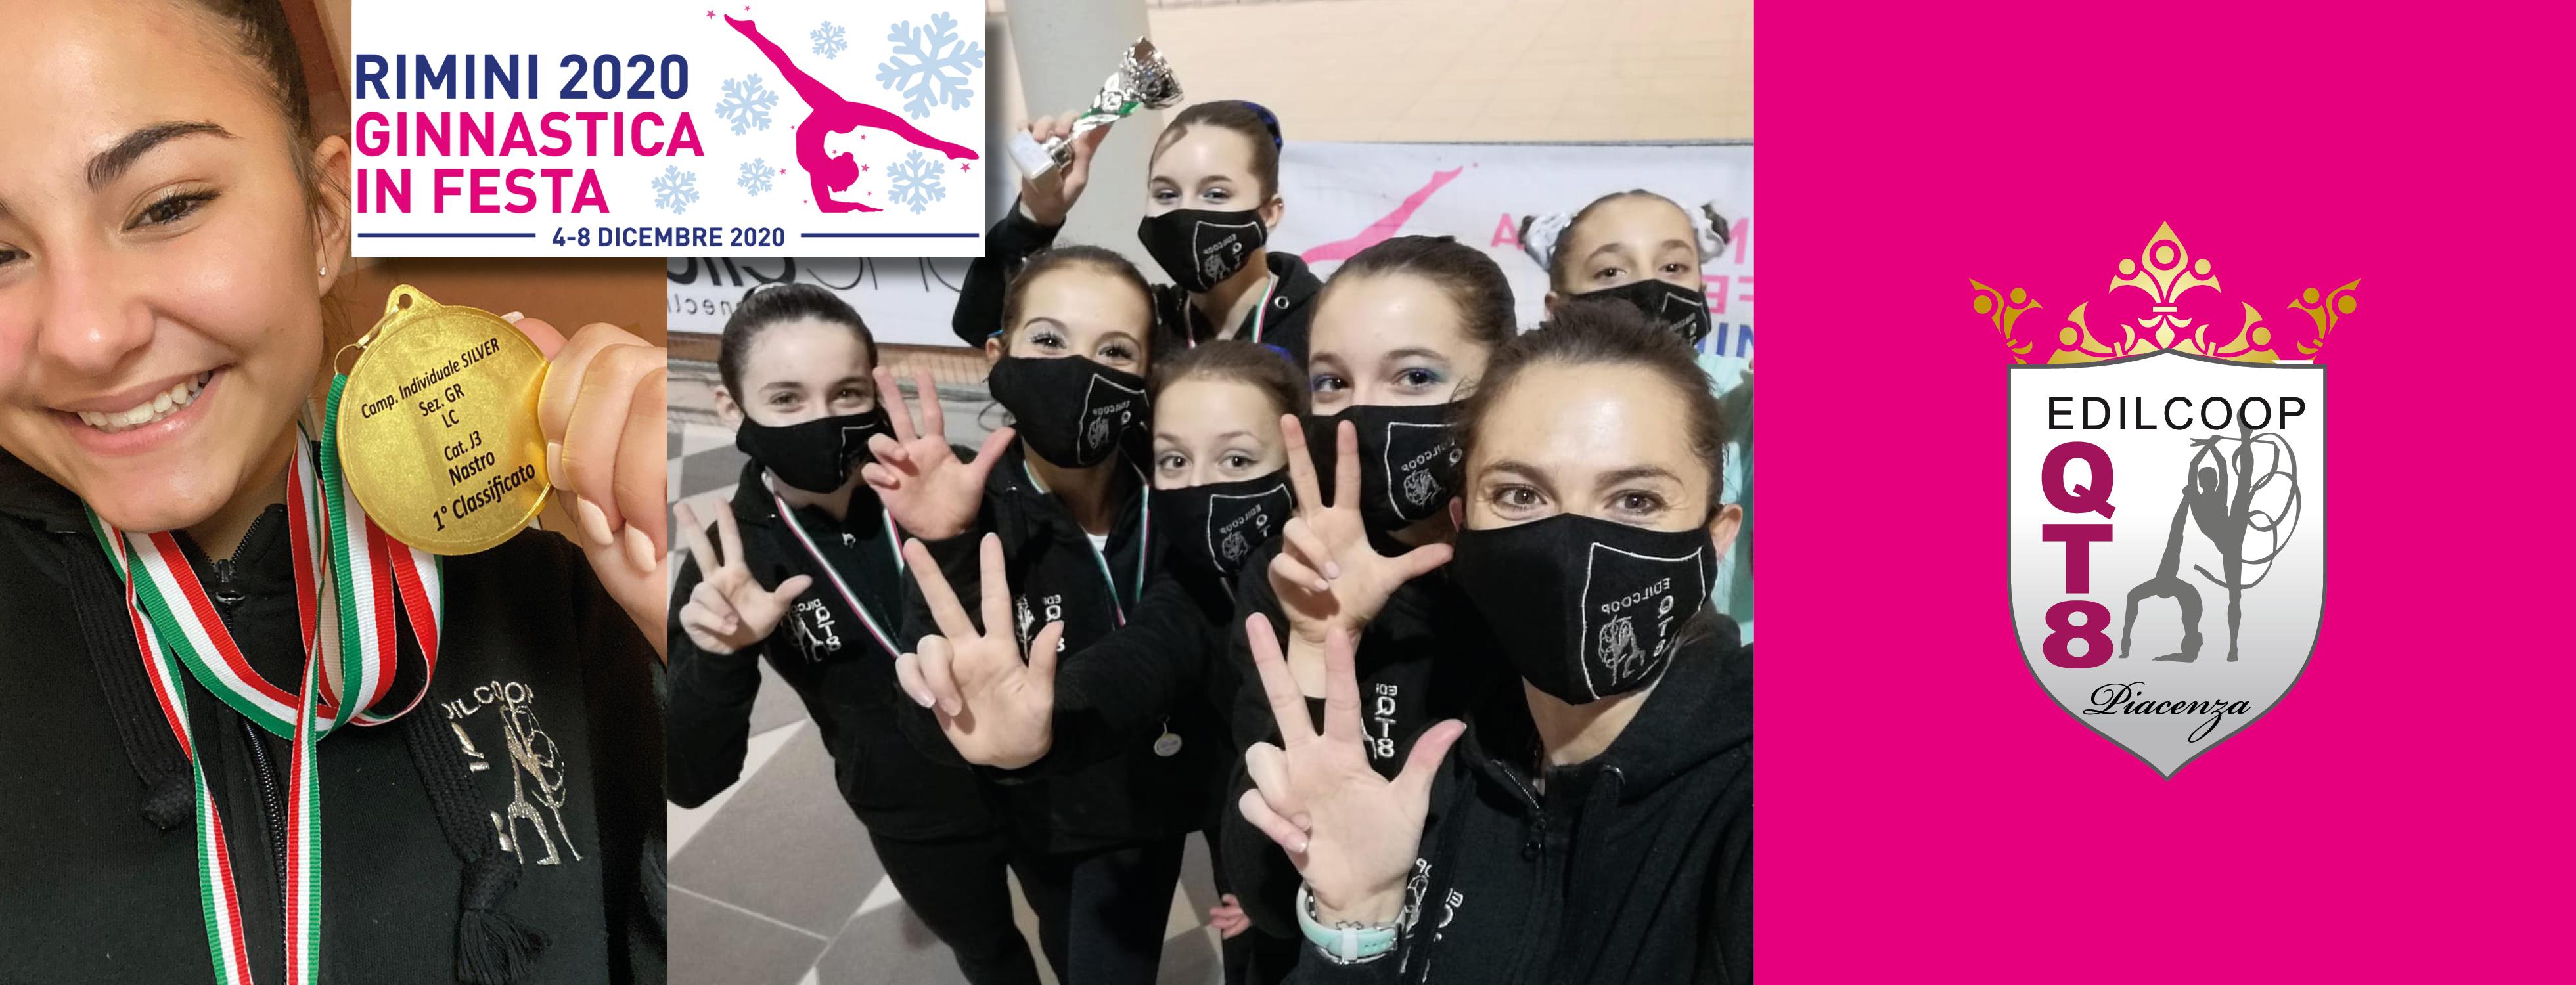 Le nostre squadre agonistiche al campionato Nazionale di Rimini